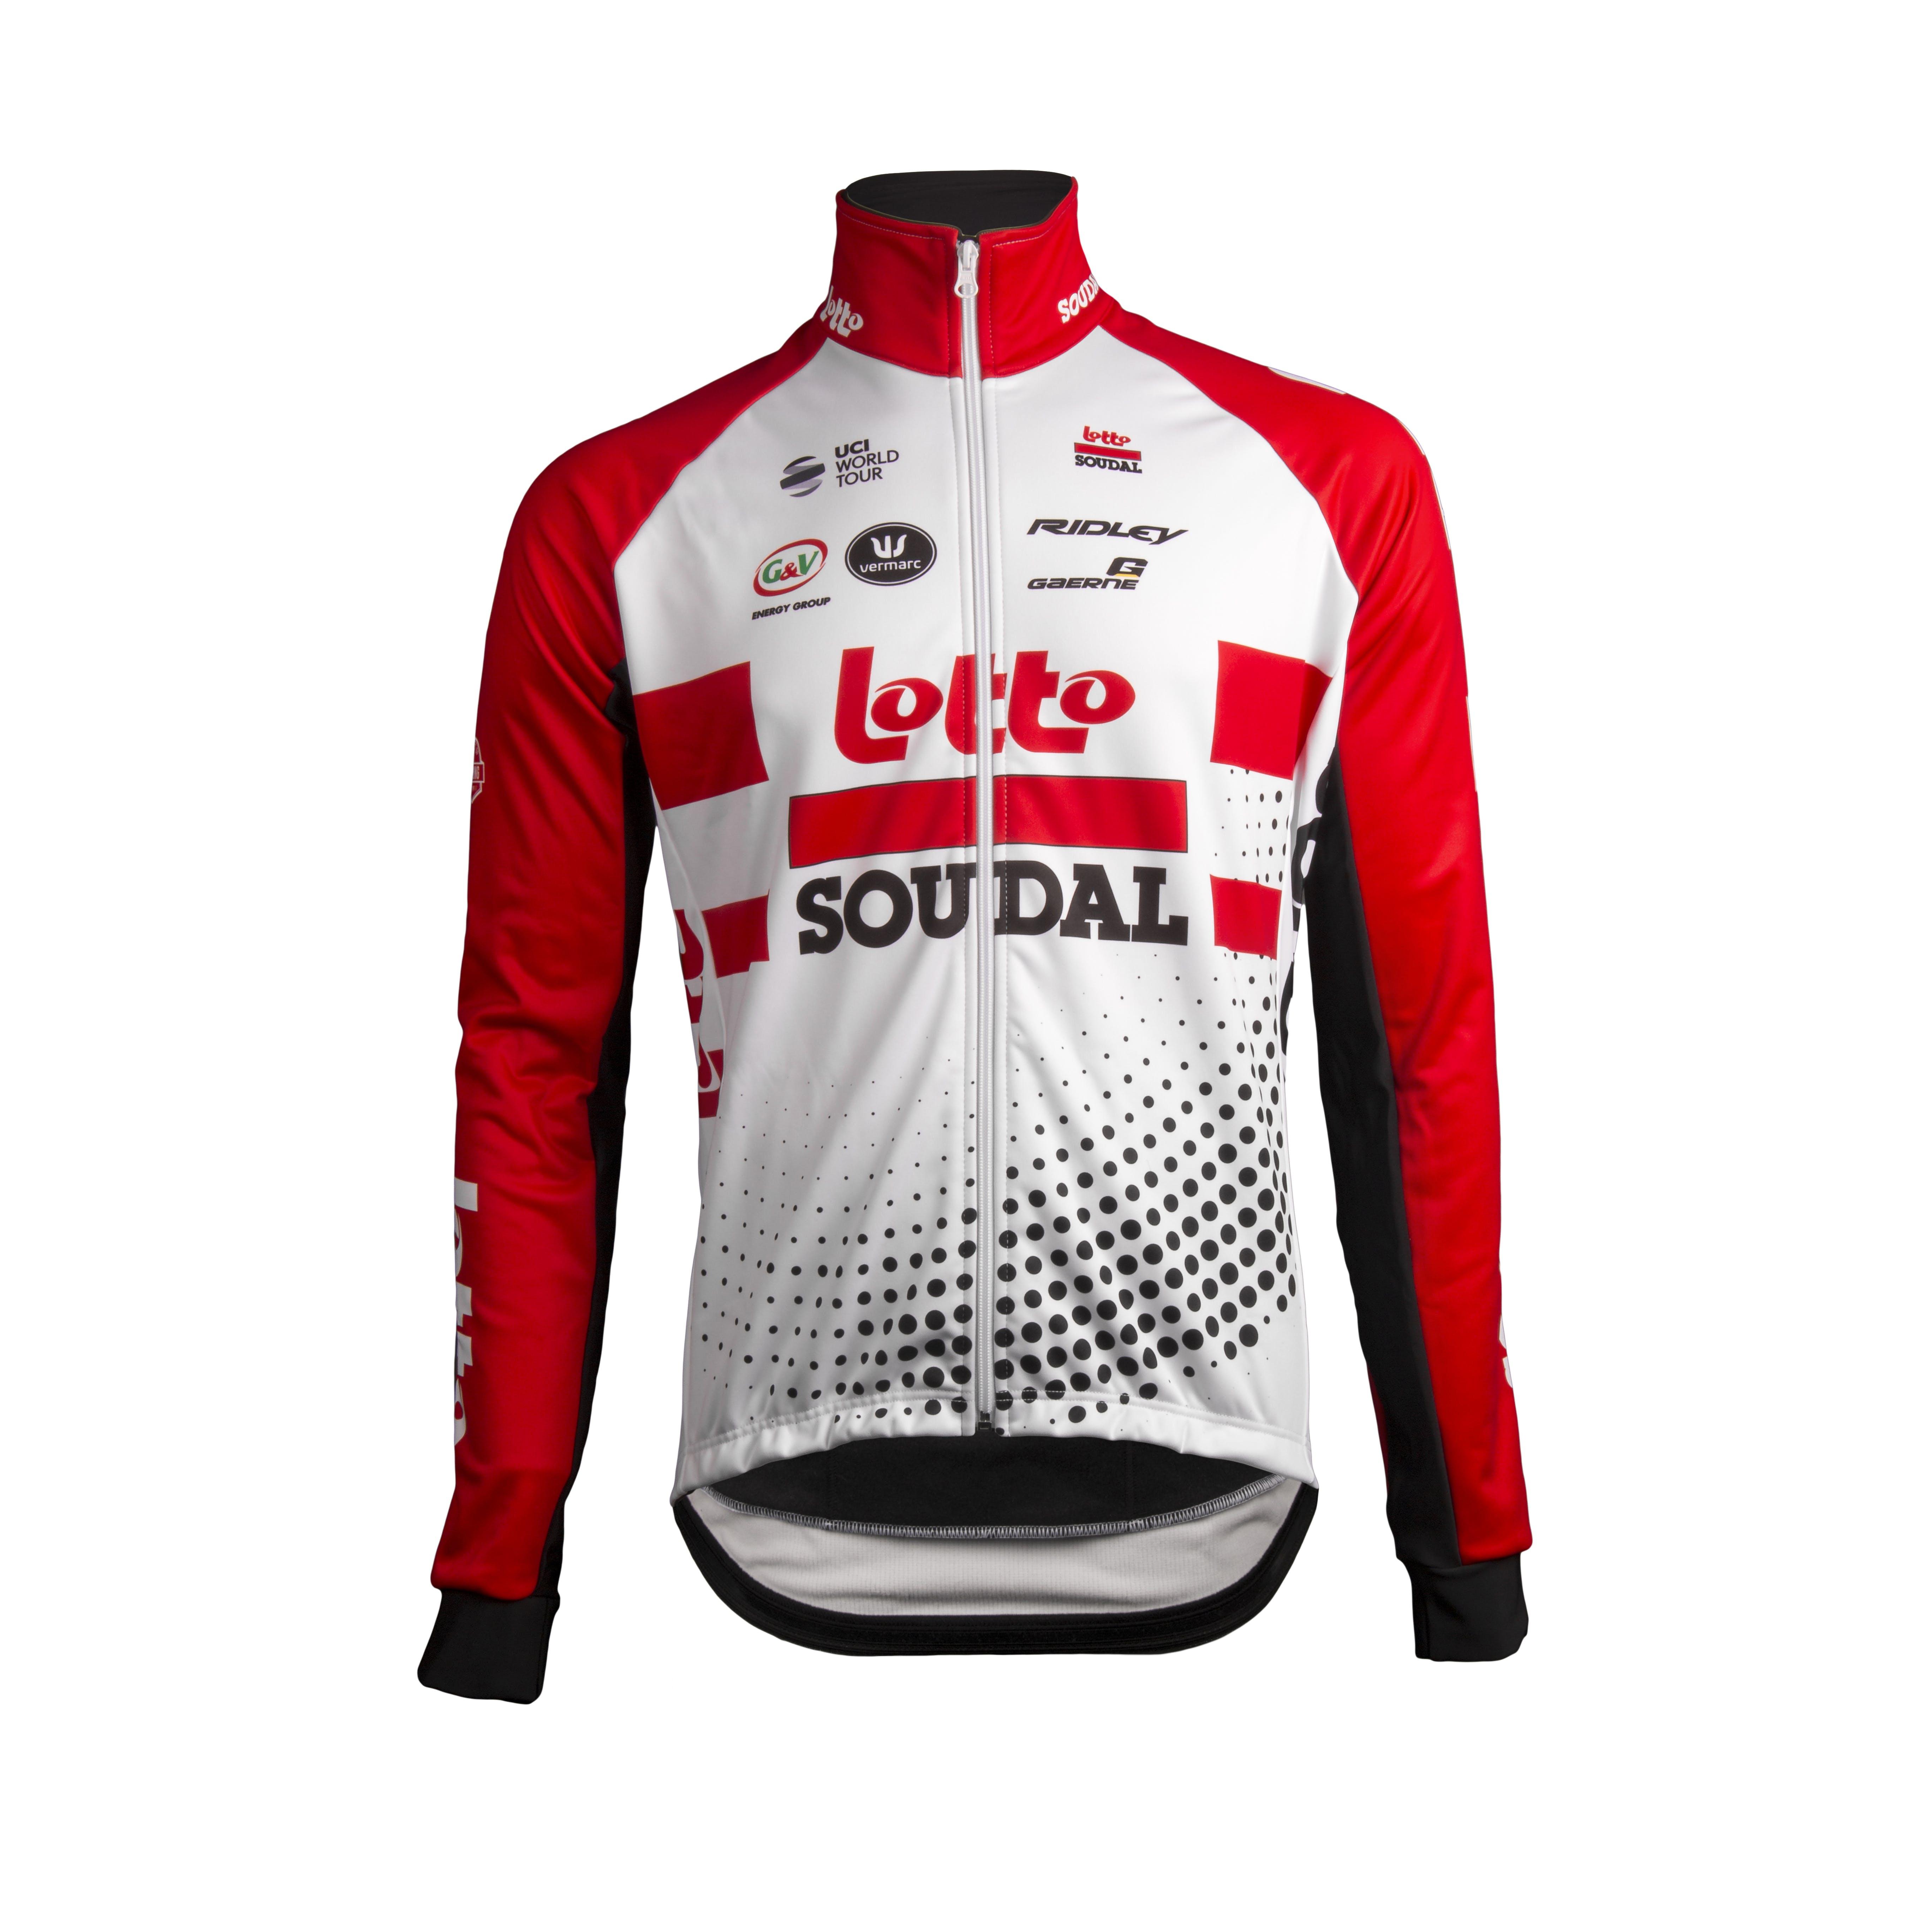 Lotto Soudal 2019 Technical Vest